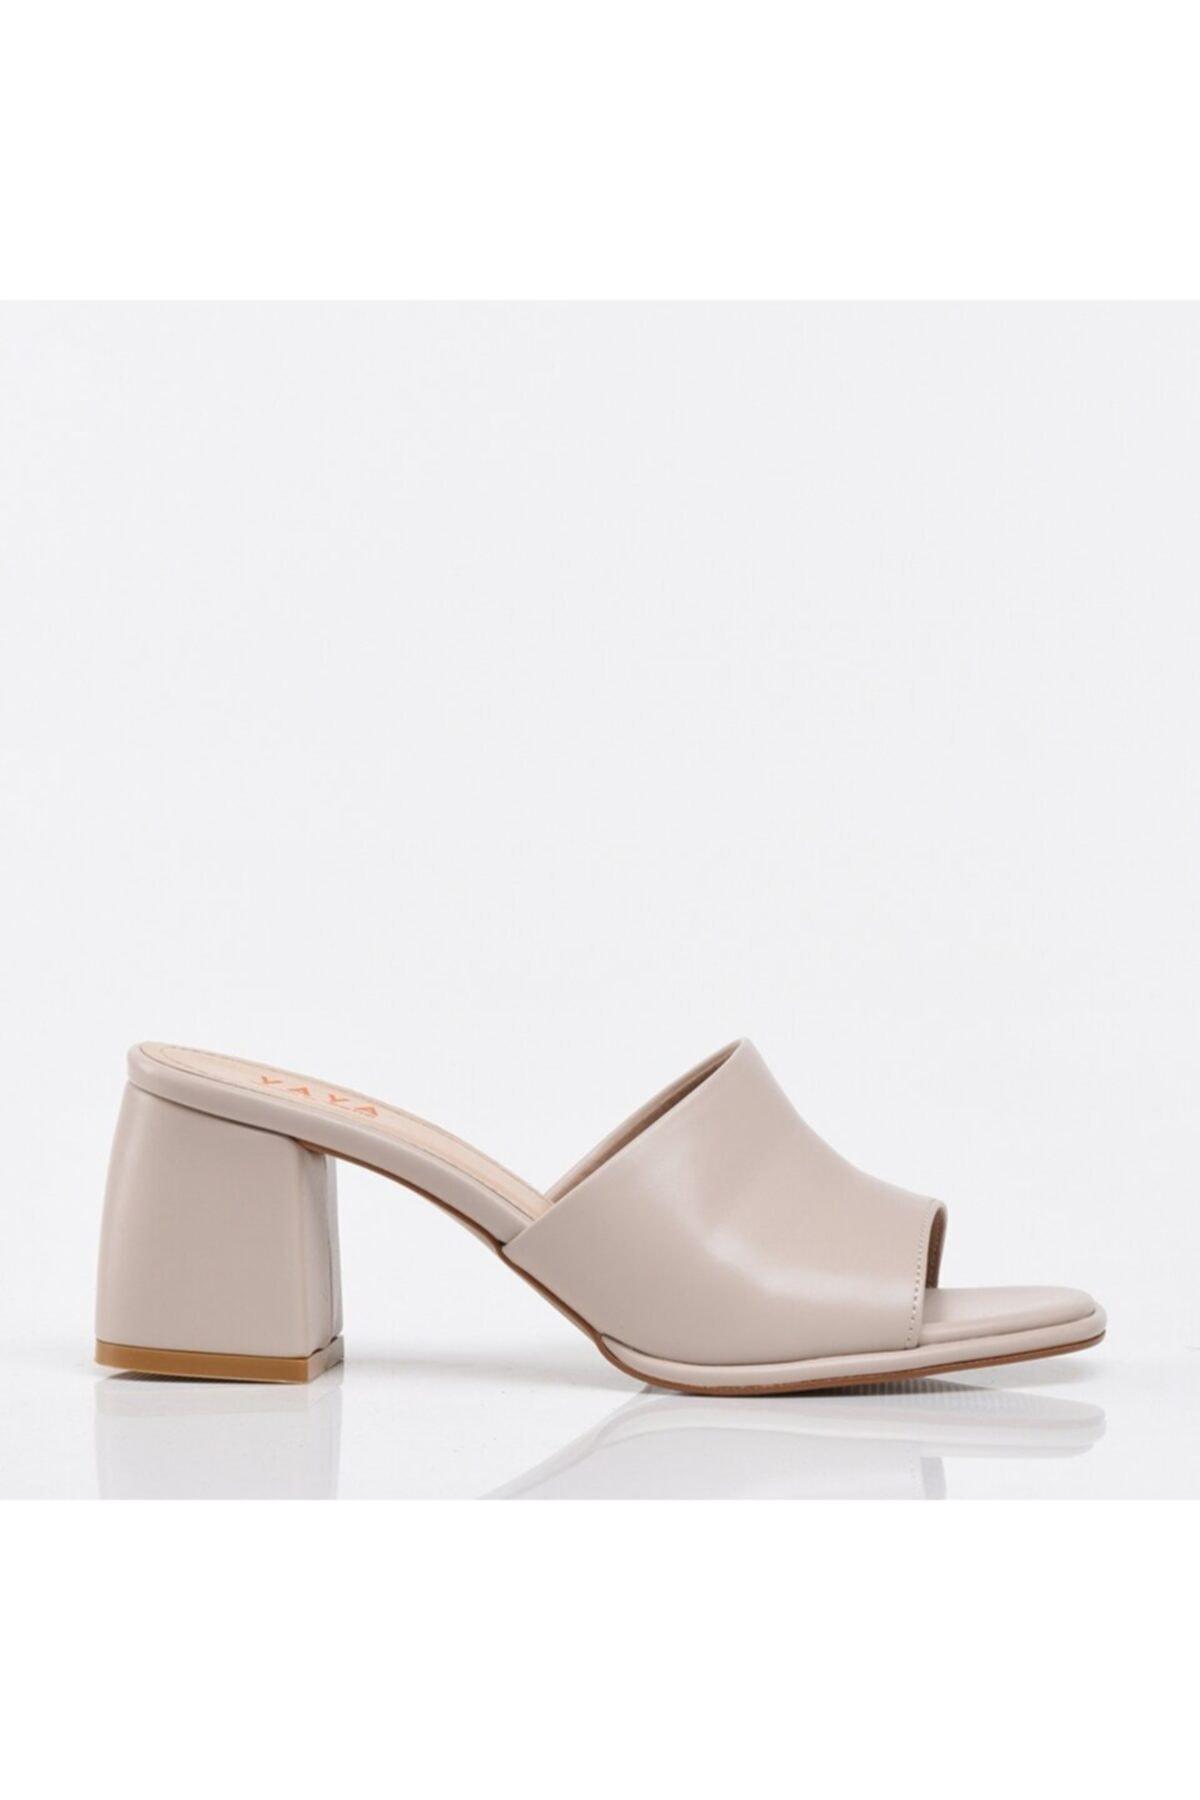 Kemik Yaya Kadın Sandalet & Terlik